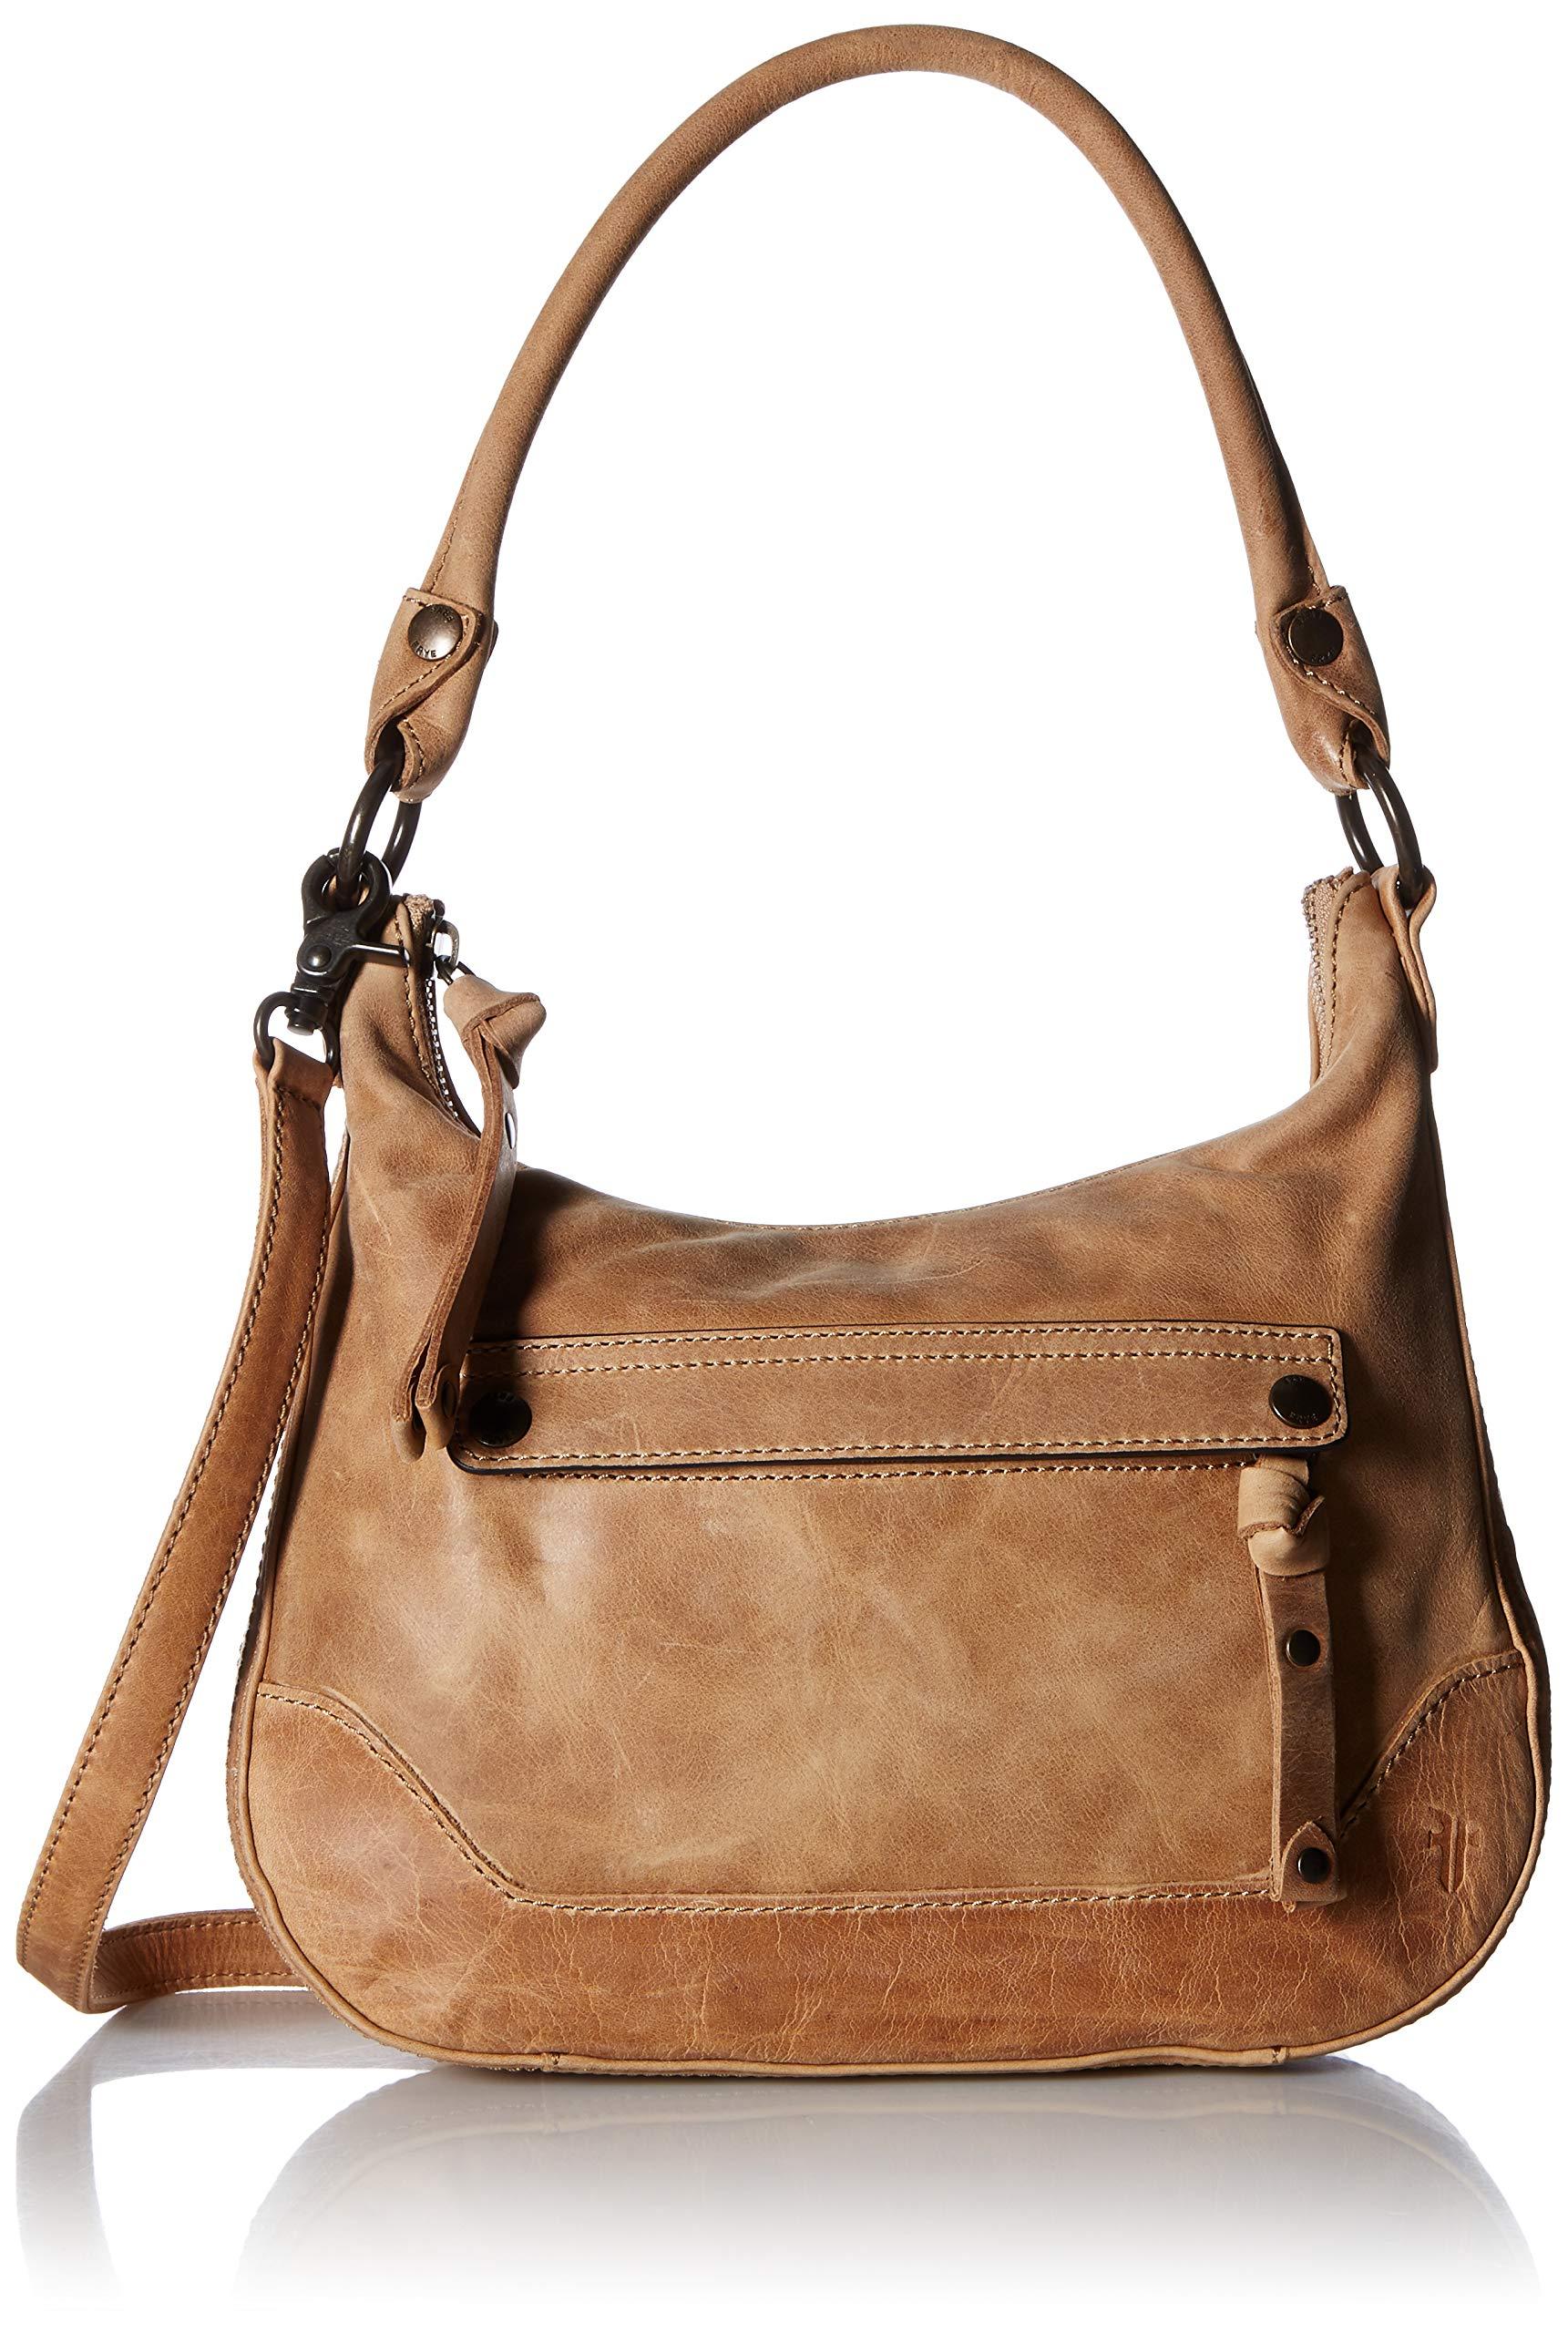 FRYE Melissa Zip Small Leather Hobo Crossbody, beige